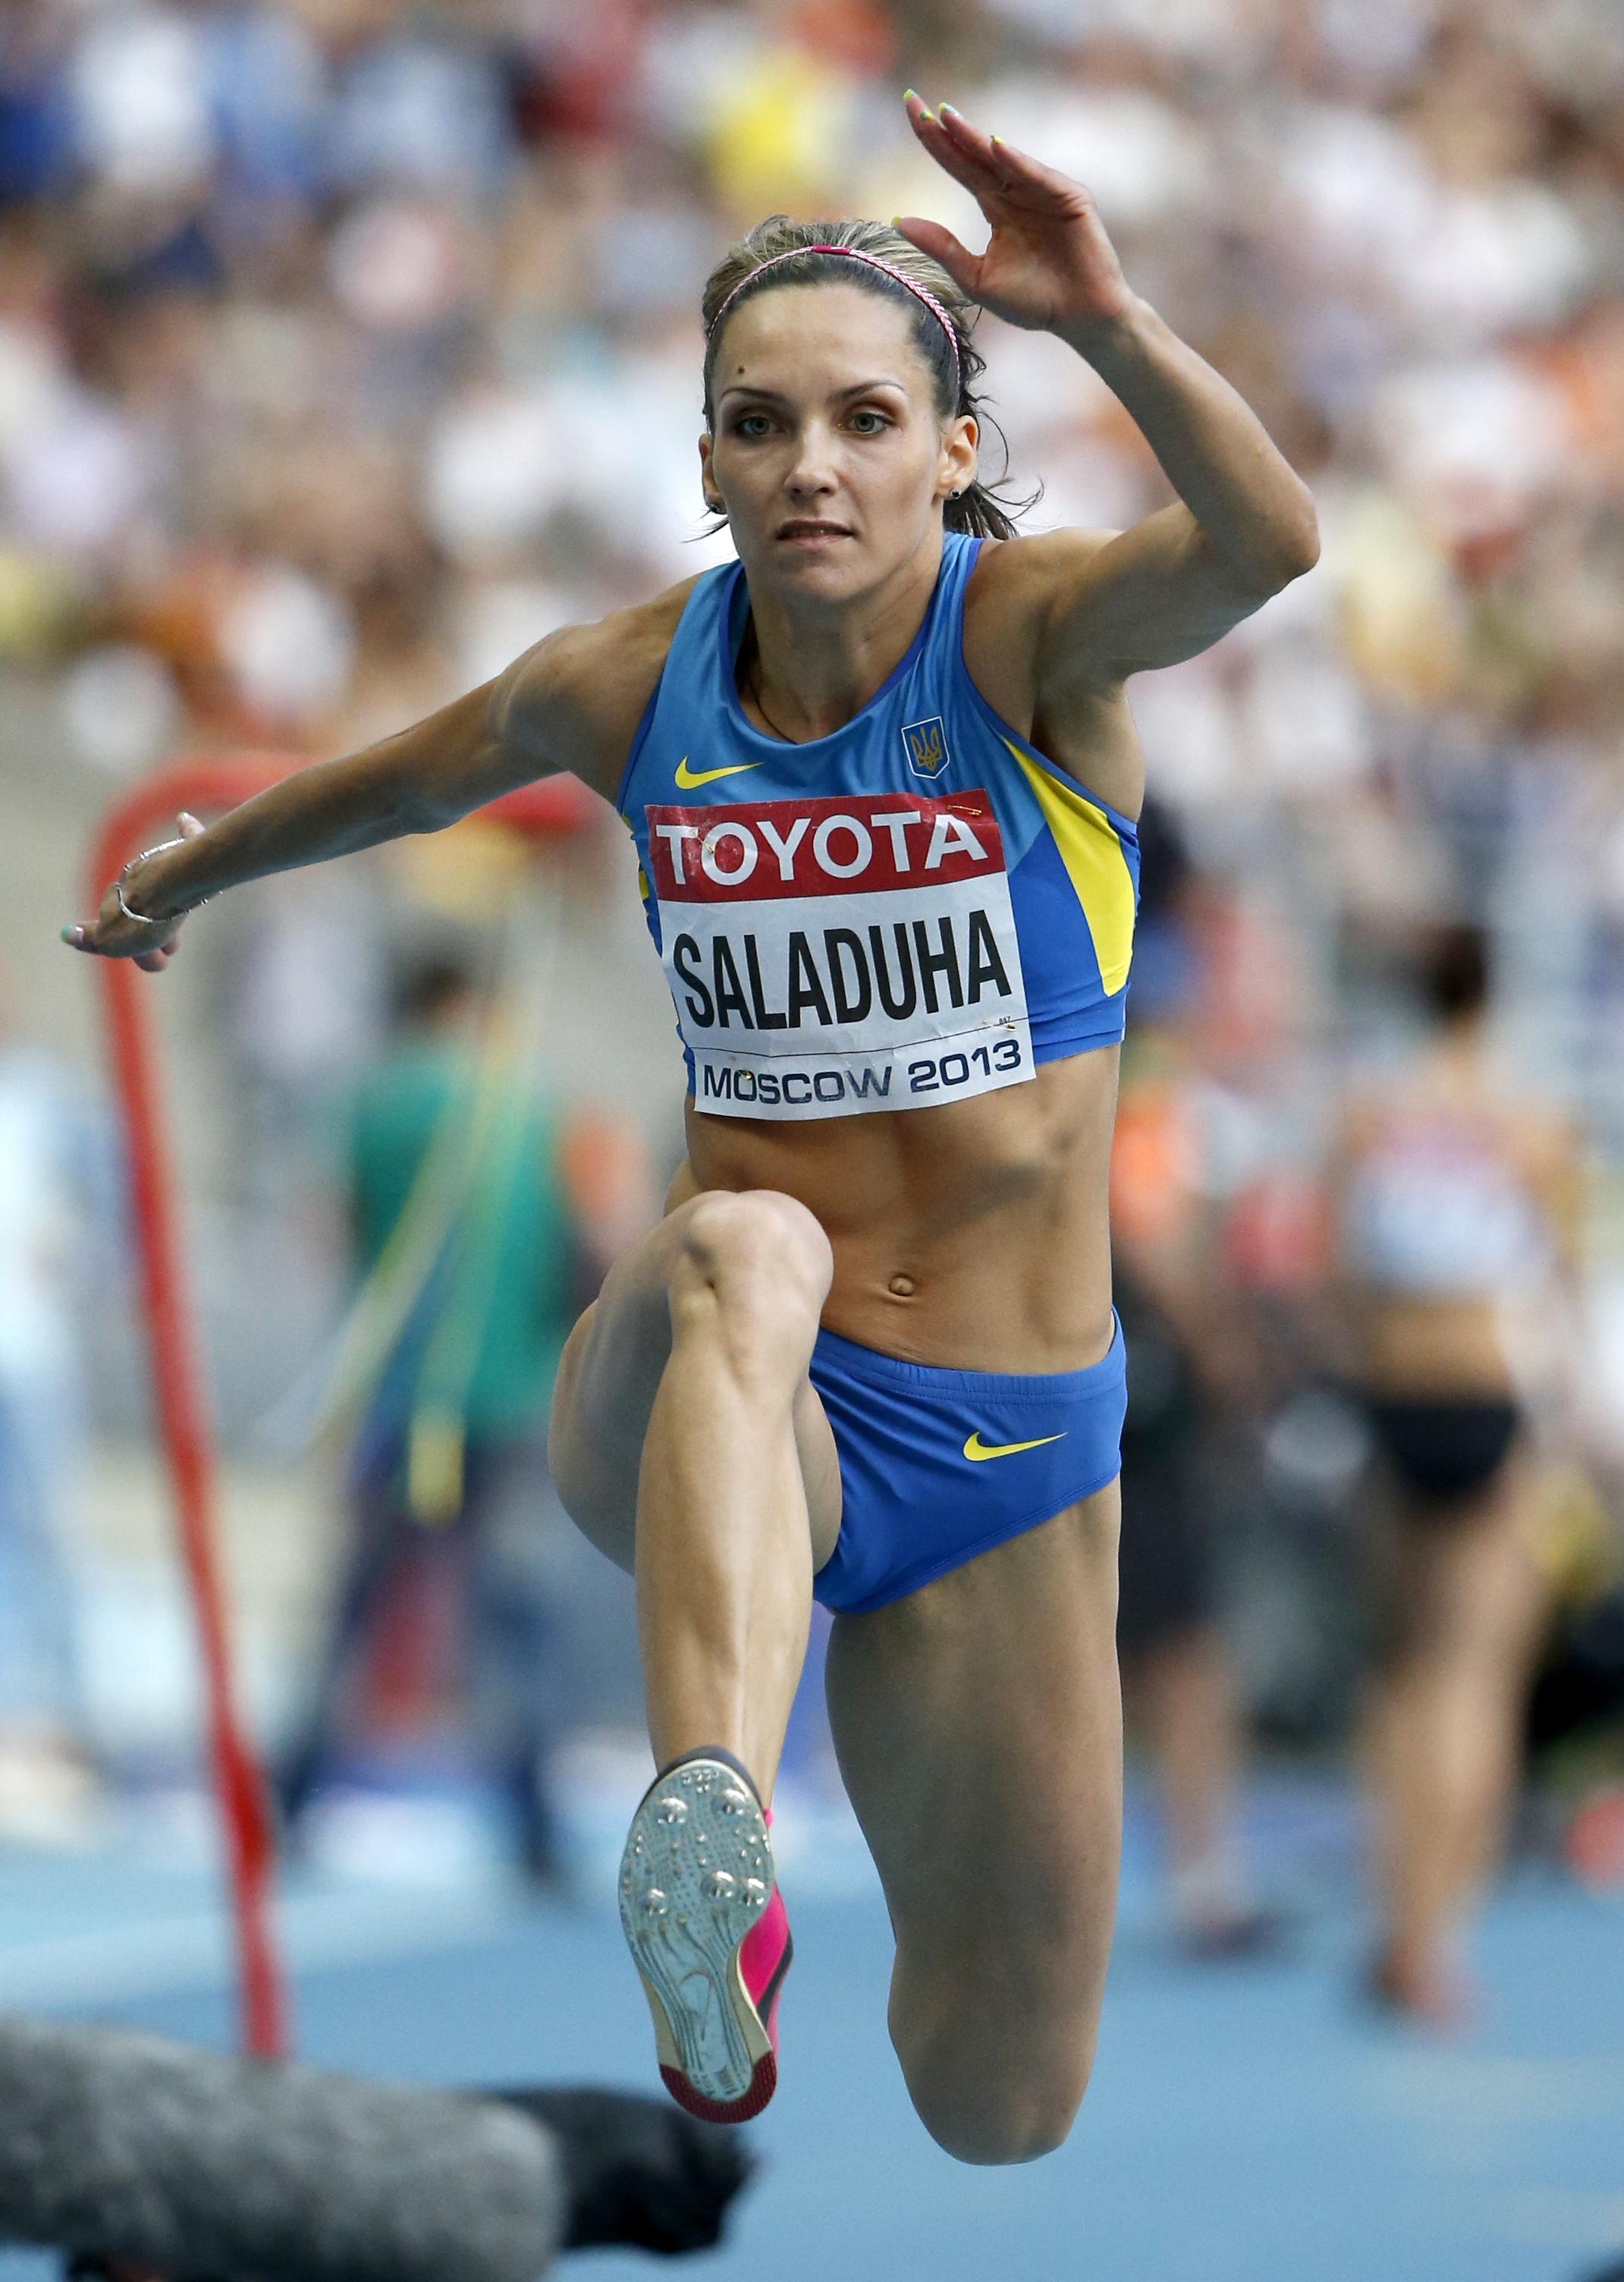 Ольга Саладуха выиграла чемпионат Украины с лучшим результатом сезона в мире!